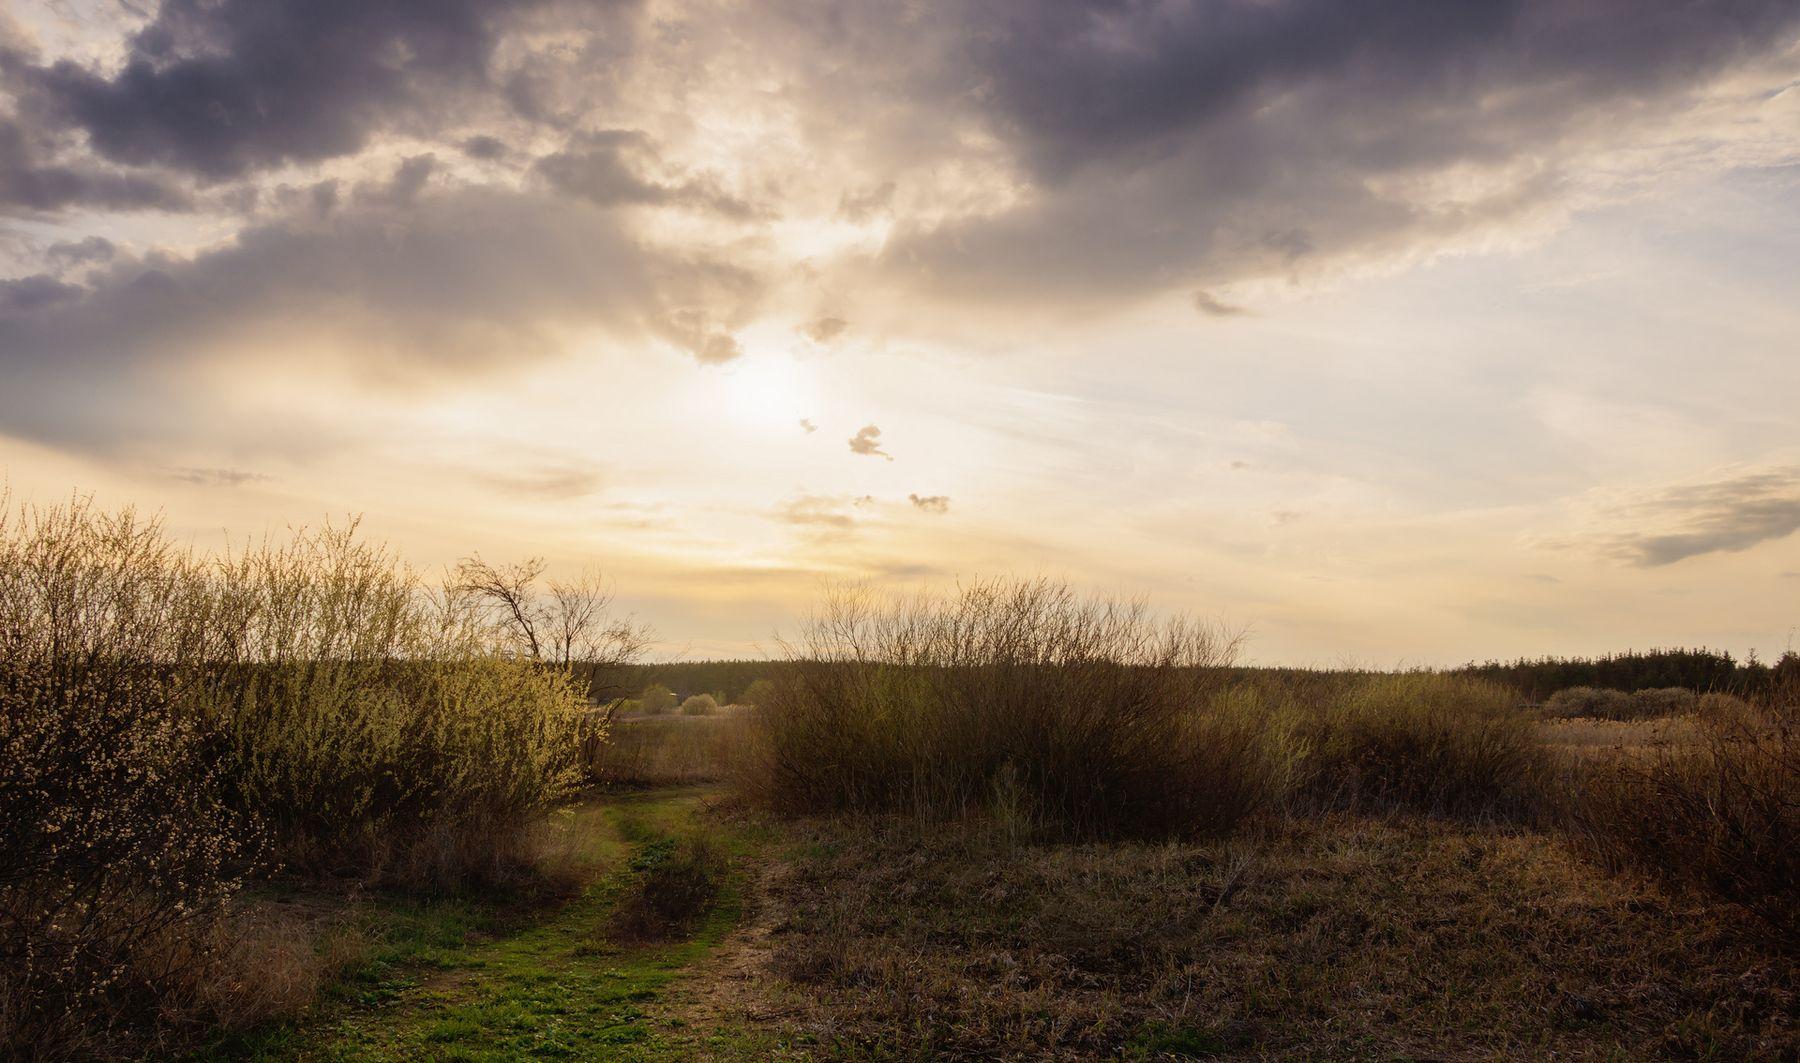 Дорога на закат пейзаж природа весна вечер дорога облака солнце луг река Усманка